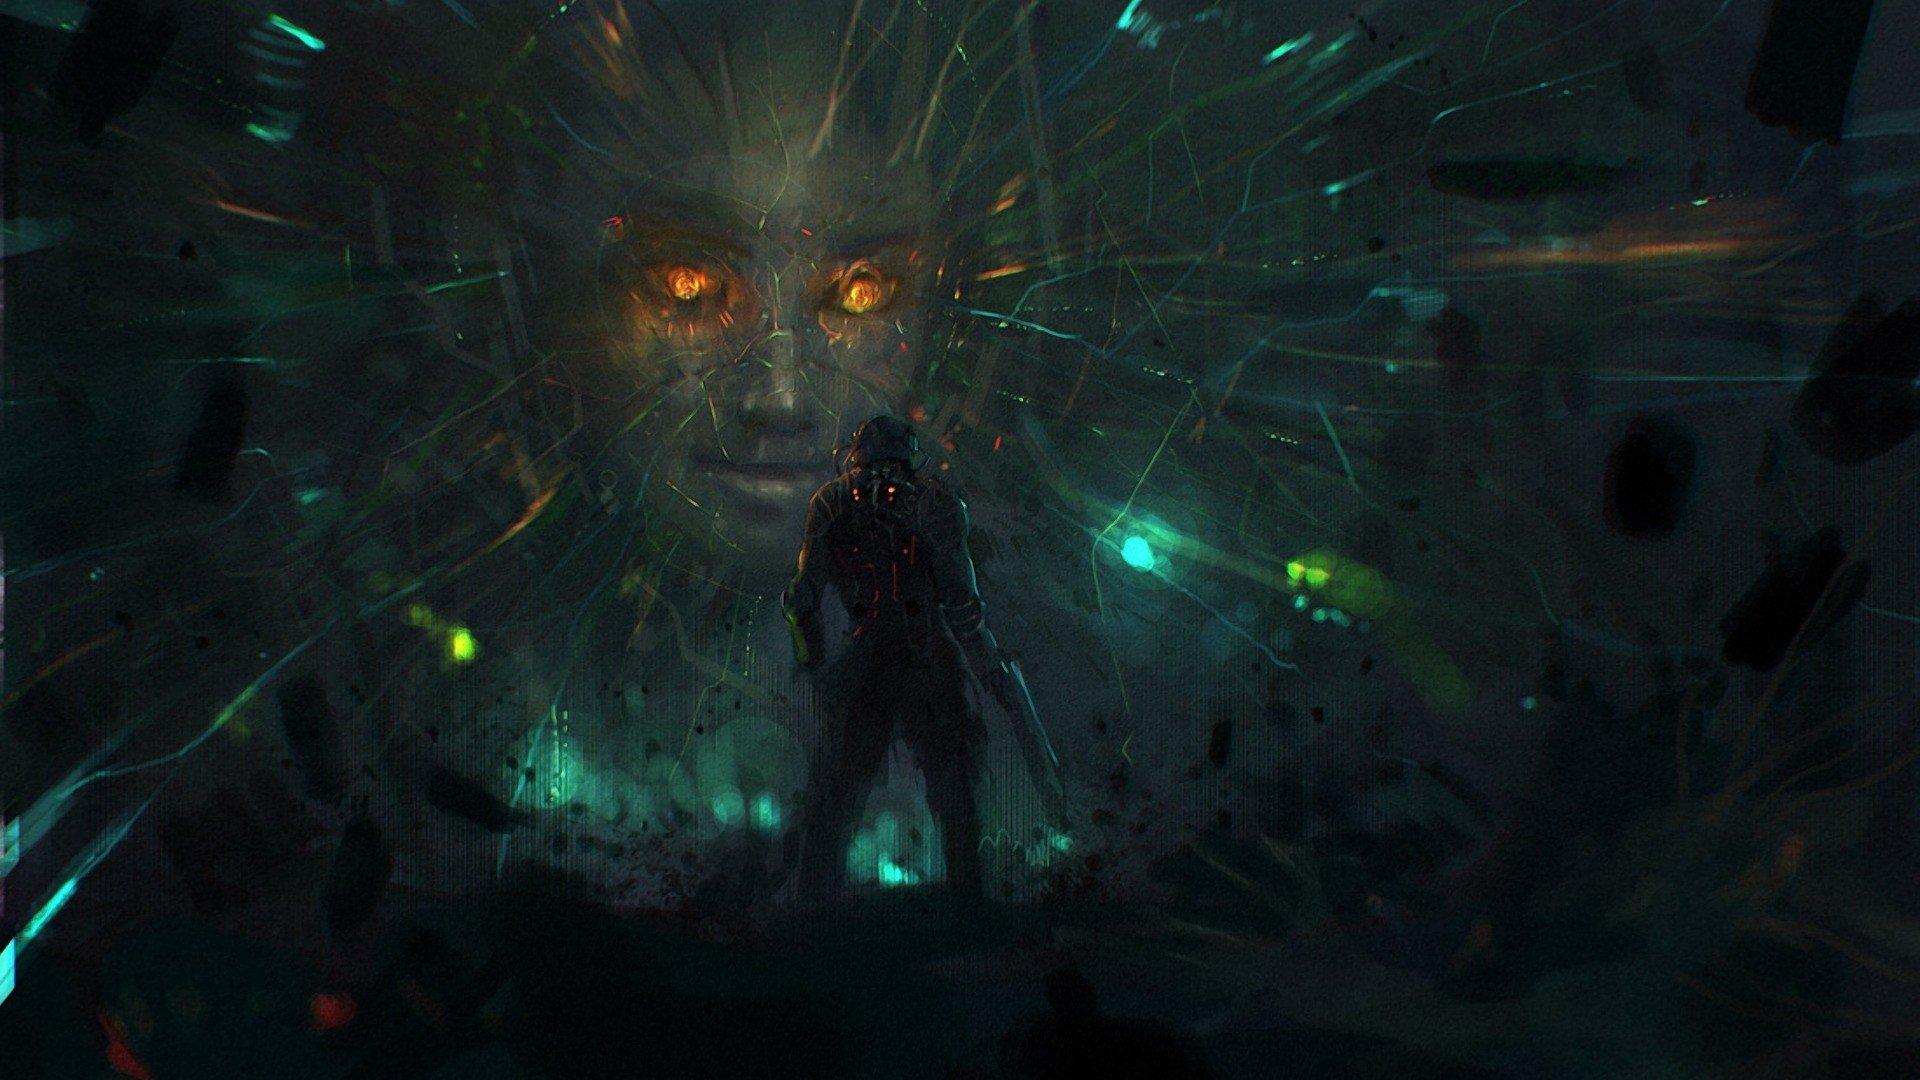 Художник воссоздает одну из лучших сцен System Shock 2 на CryEngine - Изображение 6